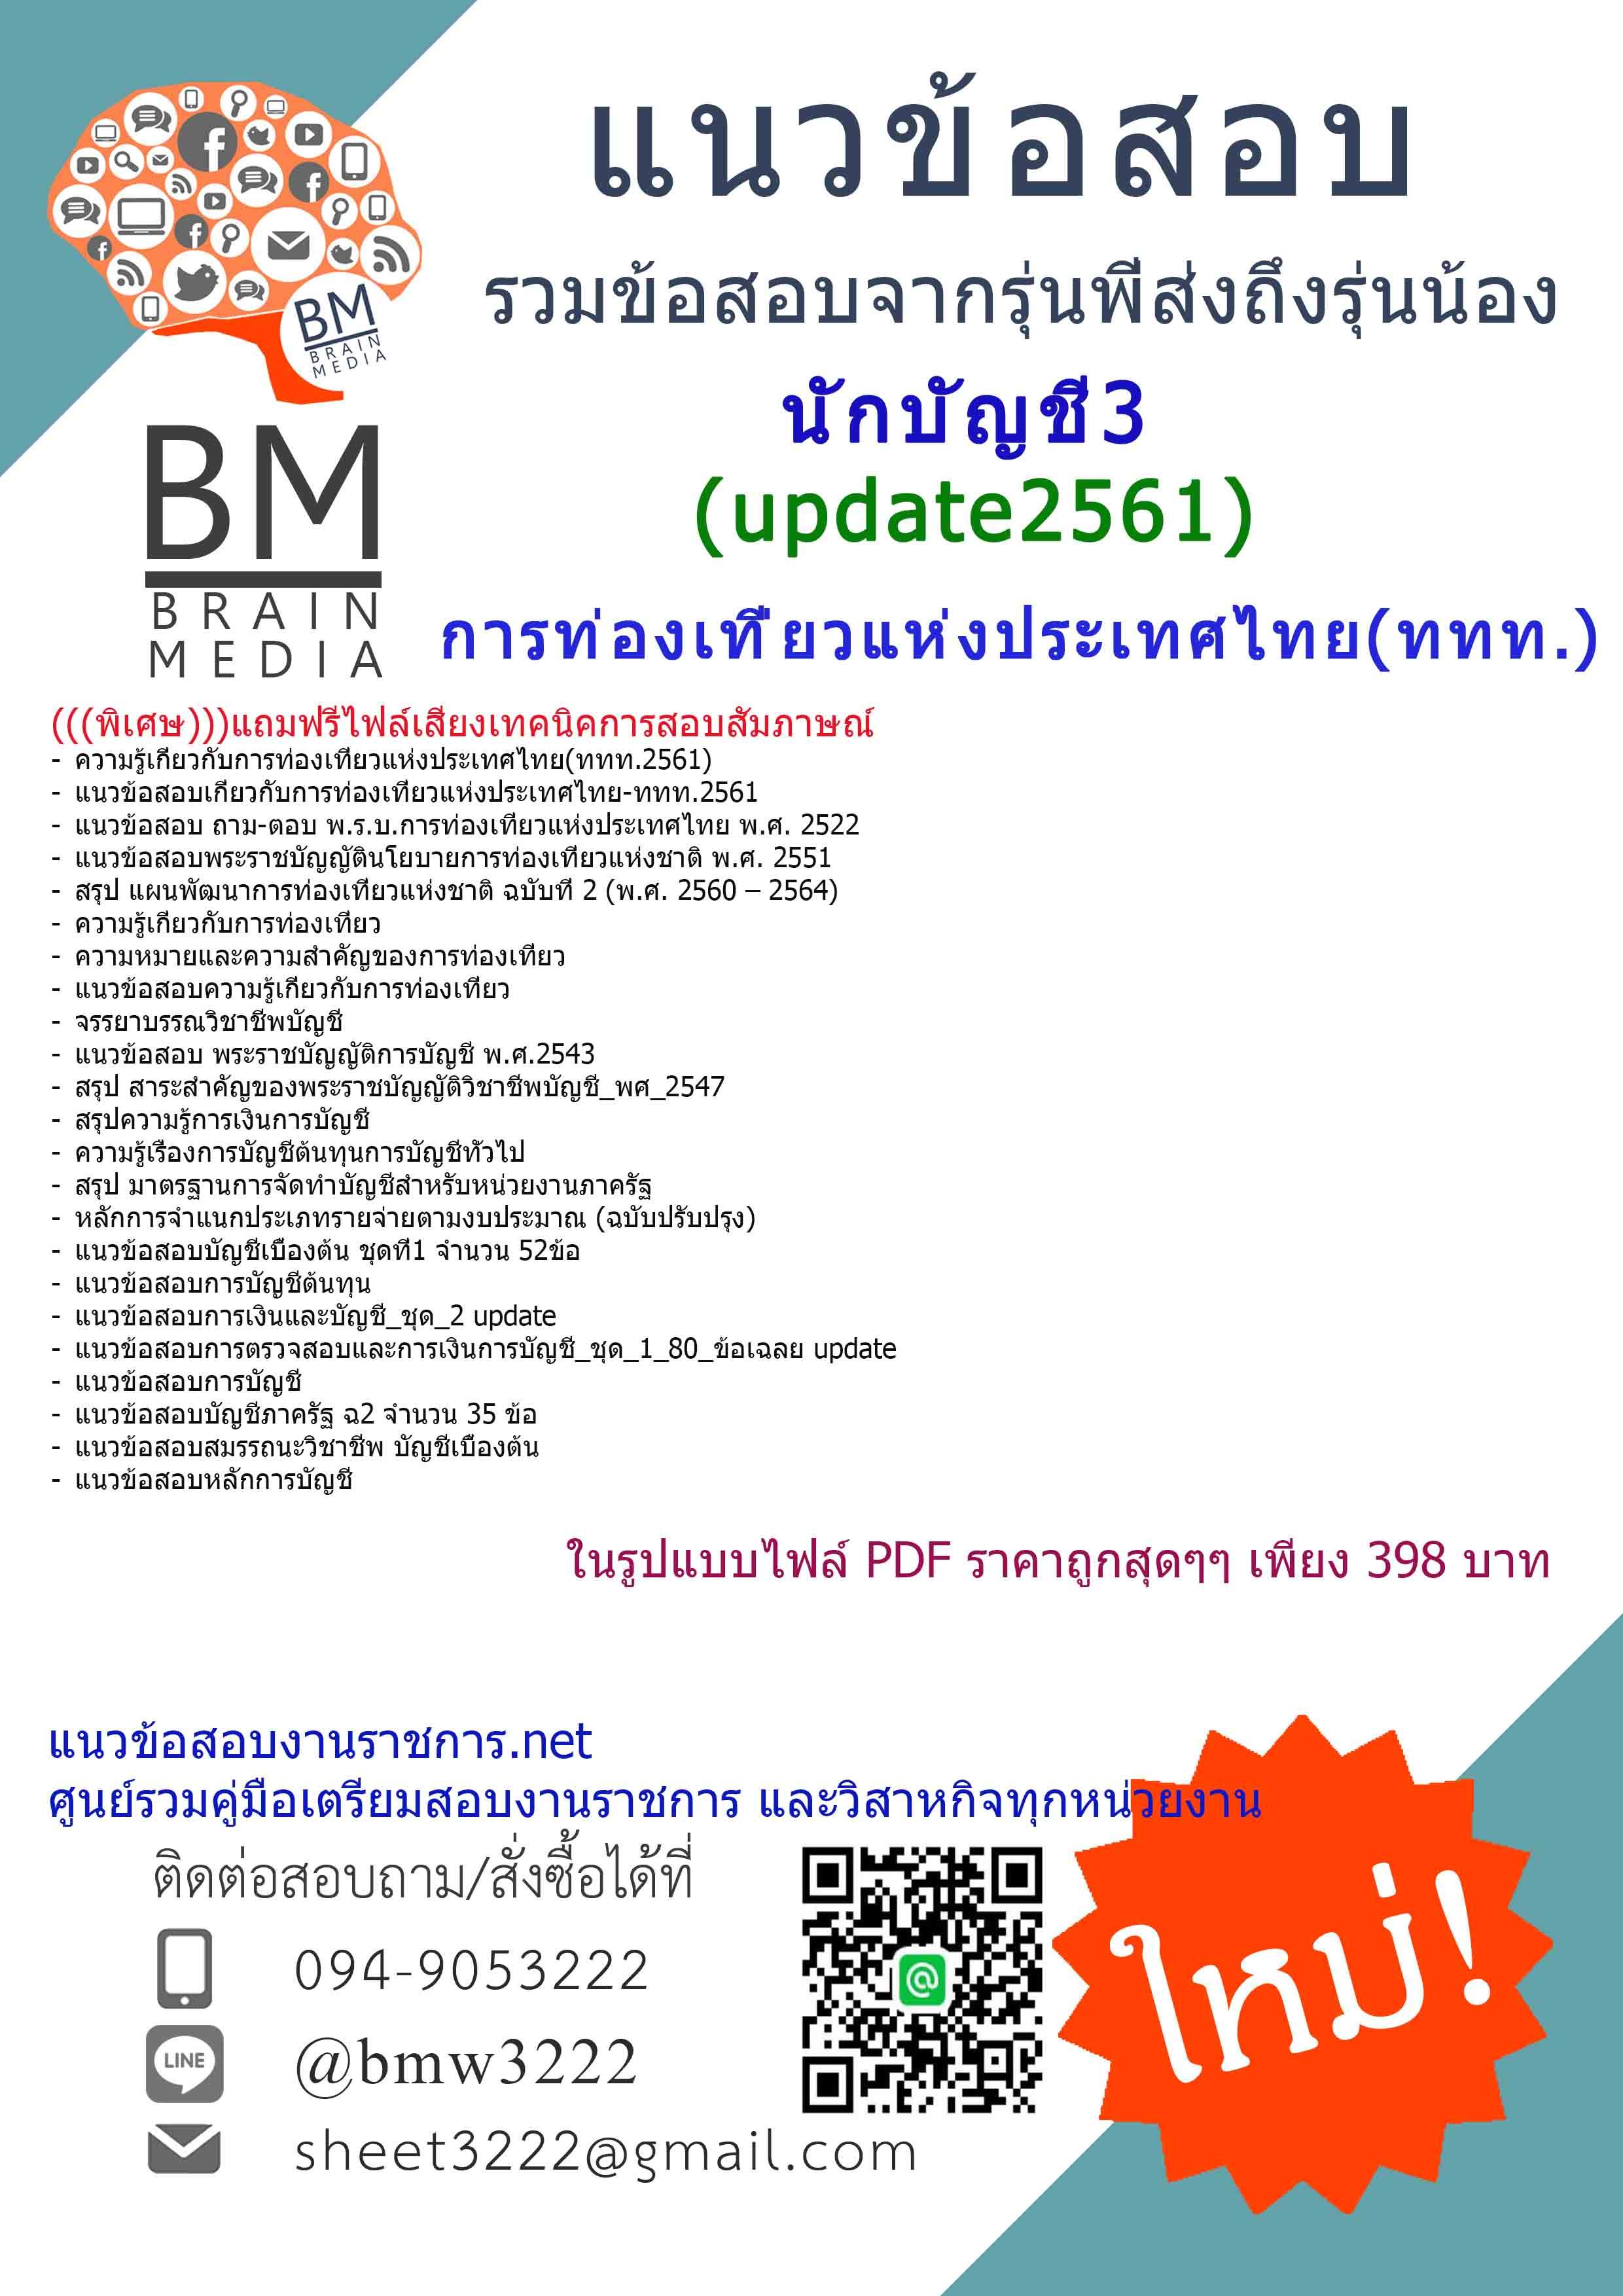 (((DOWNLOAD)))แนวข้อสอบนักบัญชี3การท่องเที่ยวแห่งประเทศไทย(ททท.)2561